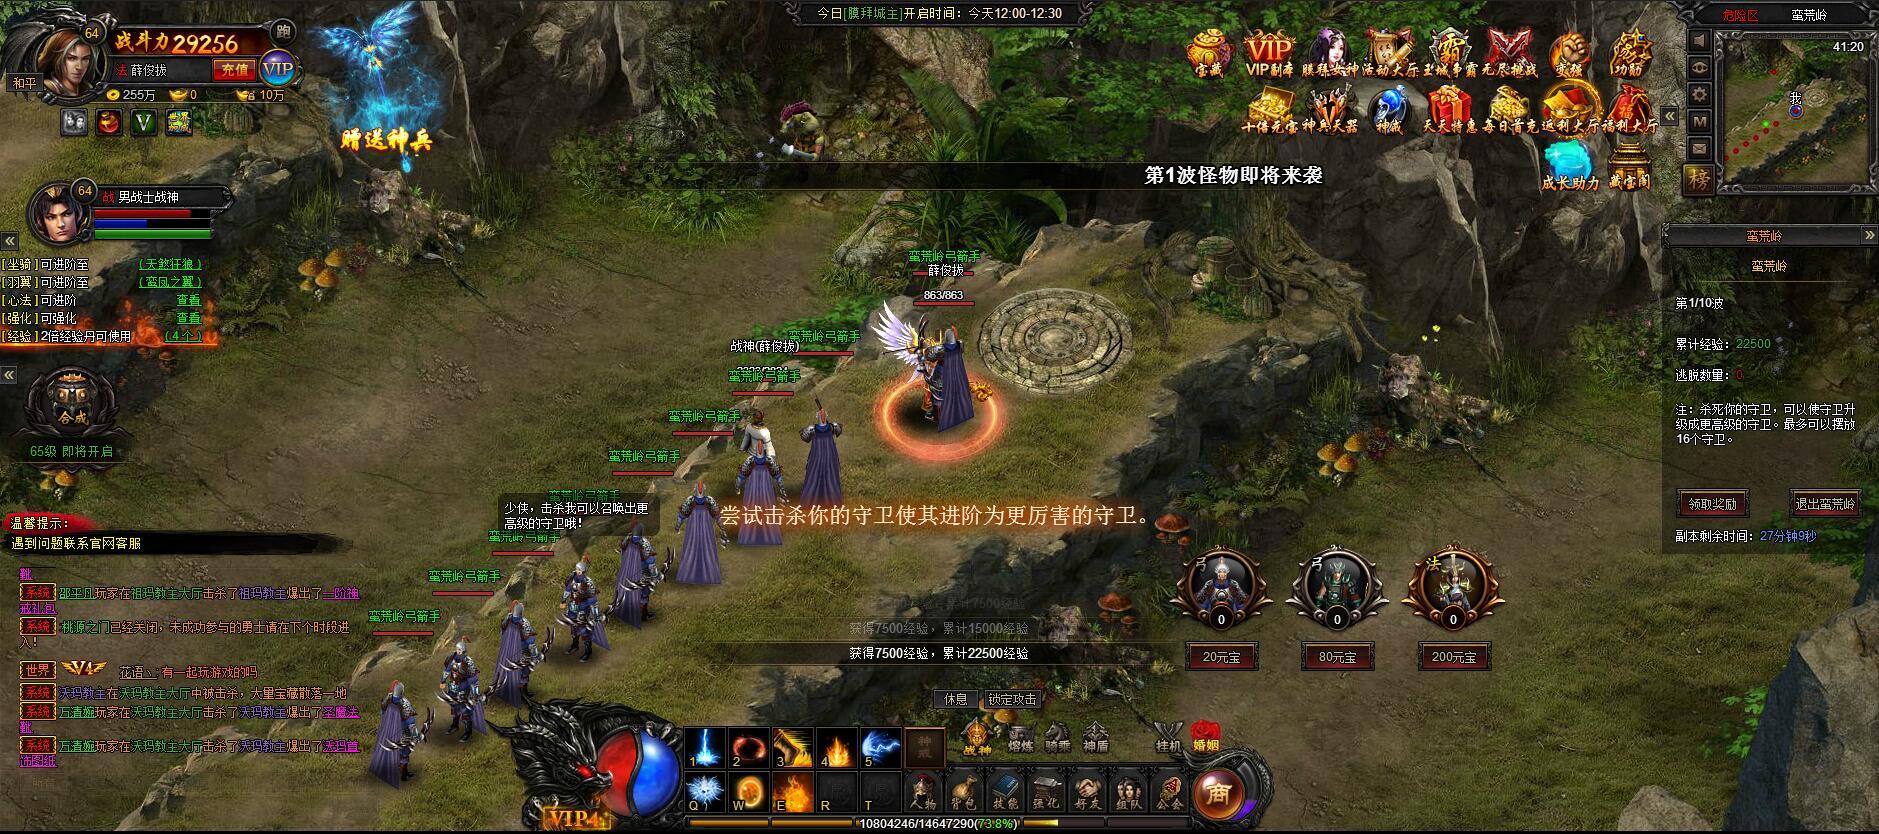 征战王城游戏截图1